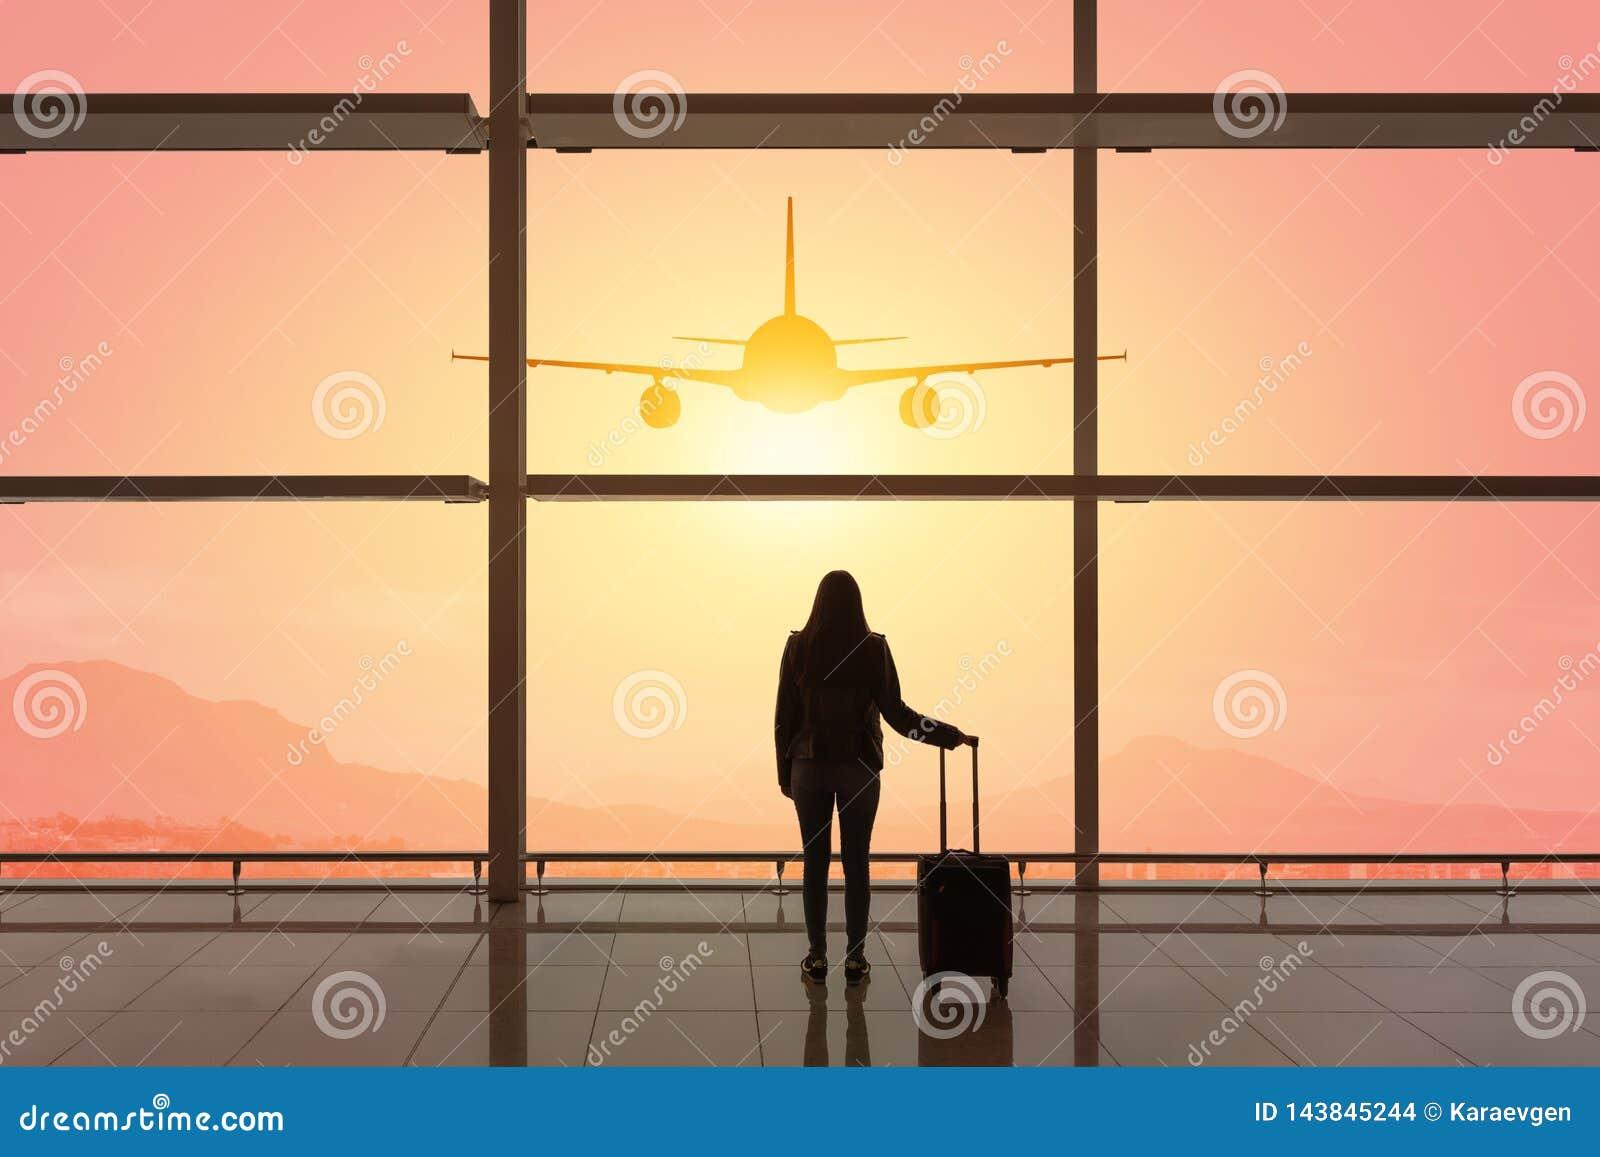 Jonge vrouw met koffer in de vertrekzaal bij luchthaven reis concept